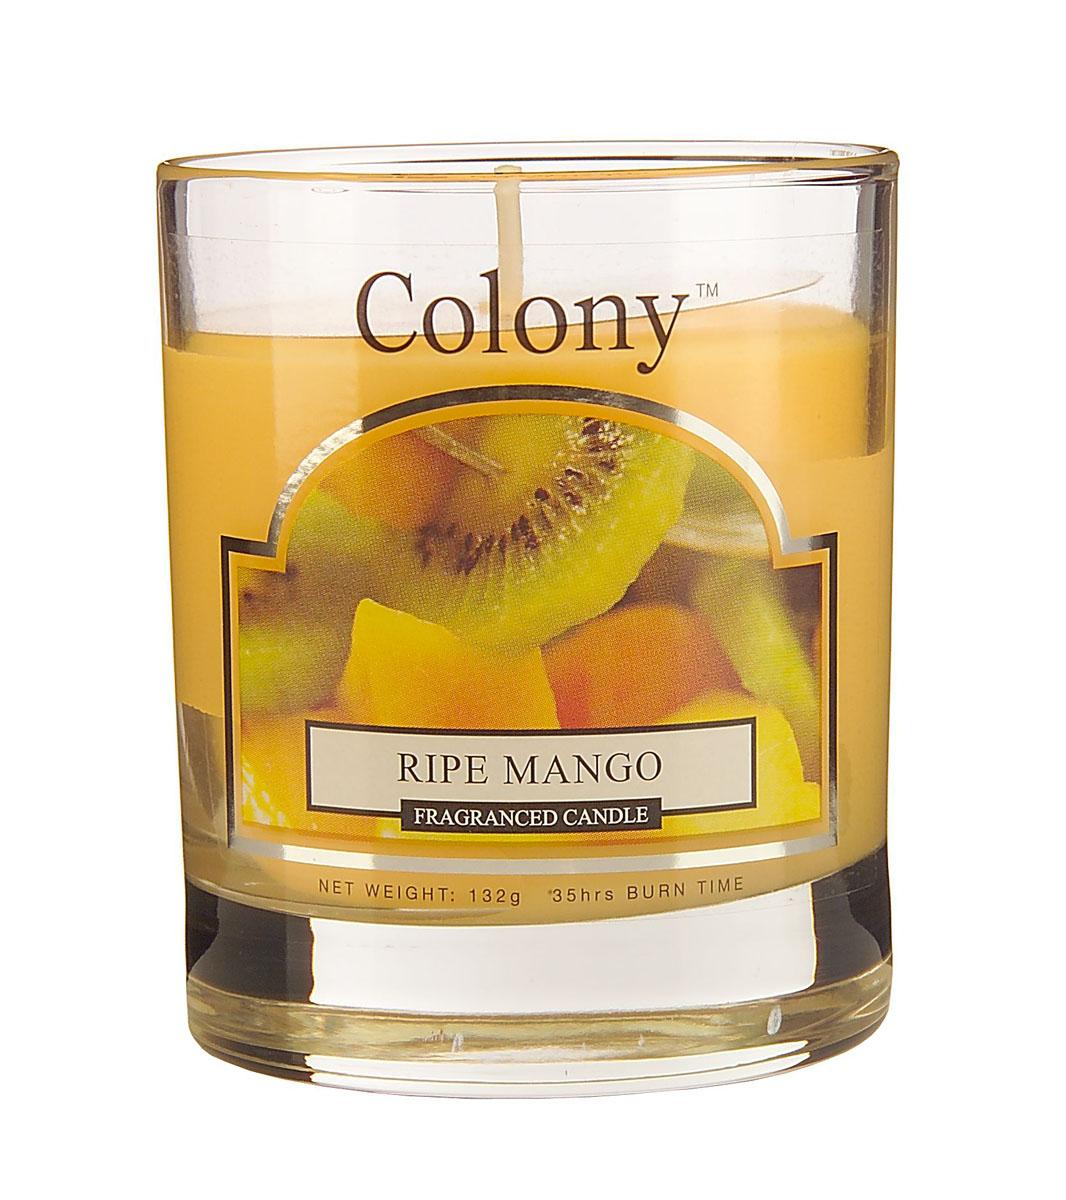 Wax Lyrical Спелый манго ароматизированная свеча в стекле малая, 35 часов7MDFAСочный фруктовый аромат спелых фруктов: экзотического манго, персиков, арбуза